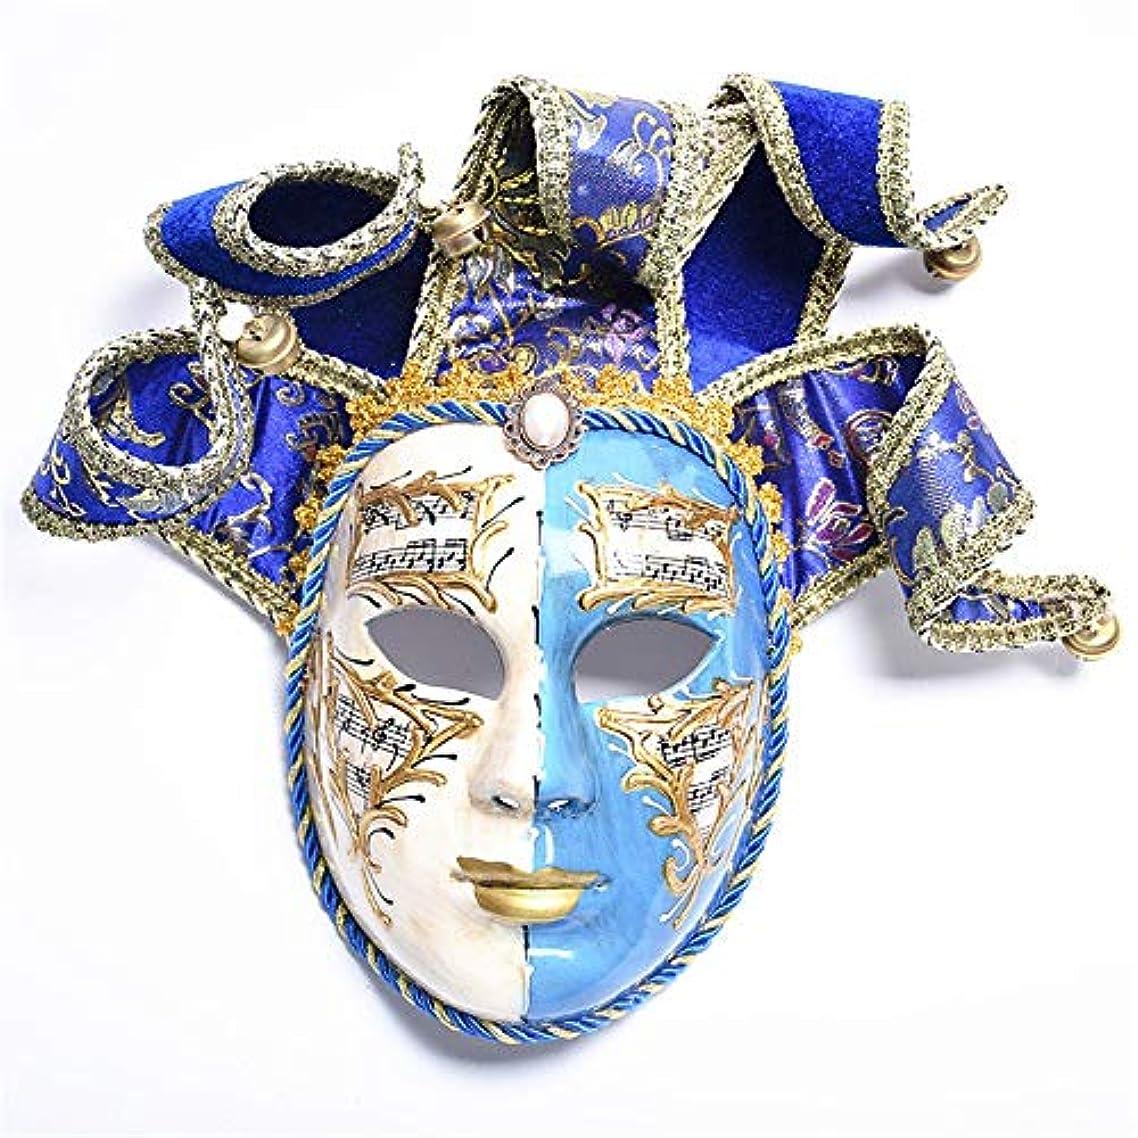 爪メール野なダンスマスク 青と白の2色フルフェイスマスクパーティーマスカレードマスクハロウィーンカーニバル祭コスプレナイトクラブパーティーマスク ホリデーパーティー用品 (色 : 青, サイズ : 33x31cm)